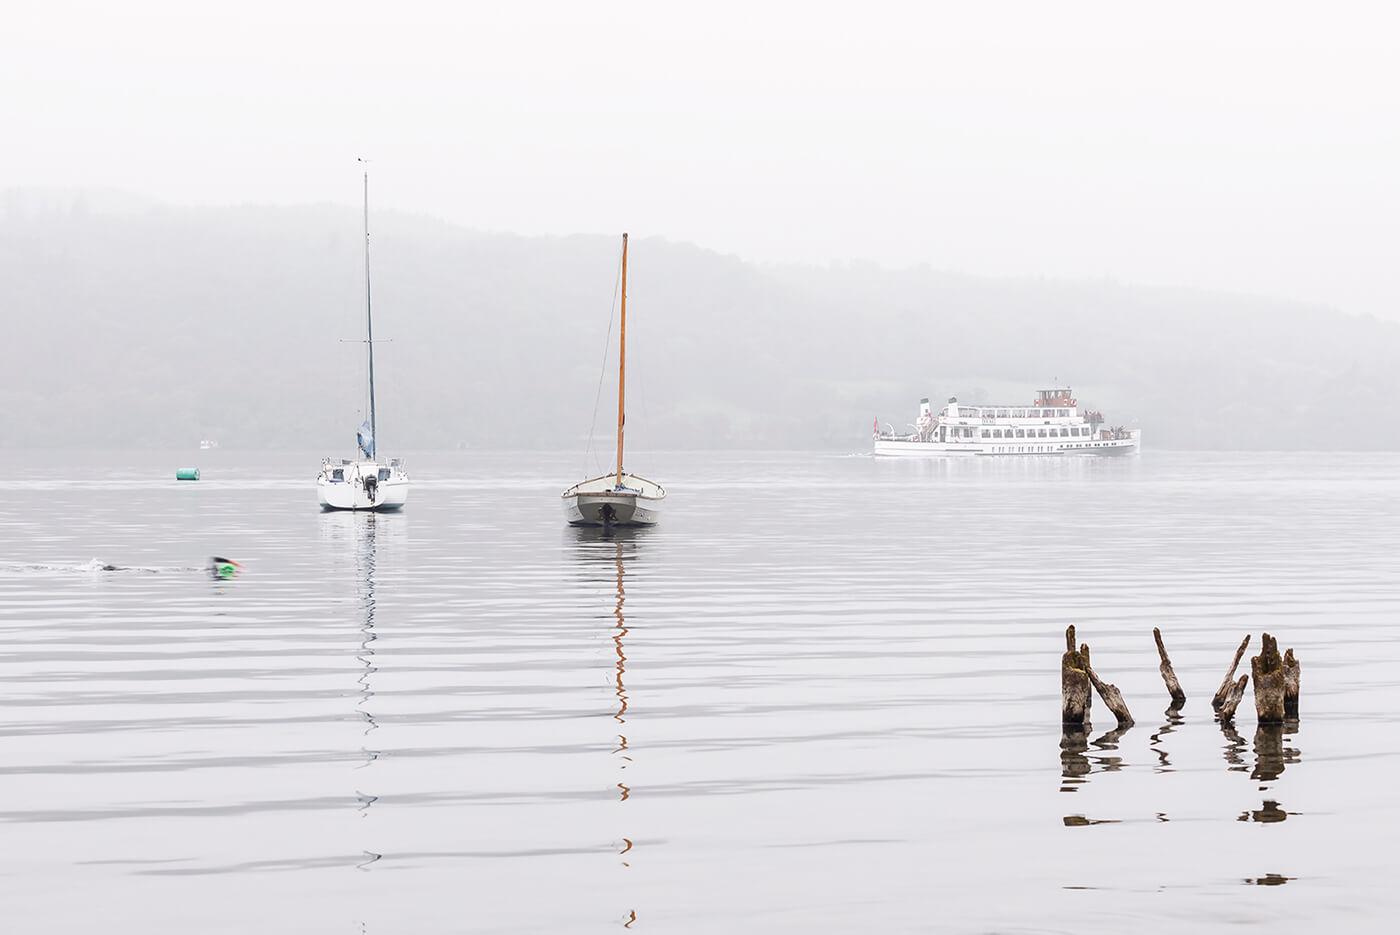 Millerground, Windermere, Lake District